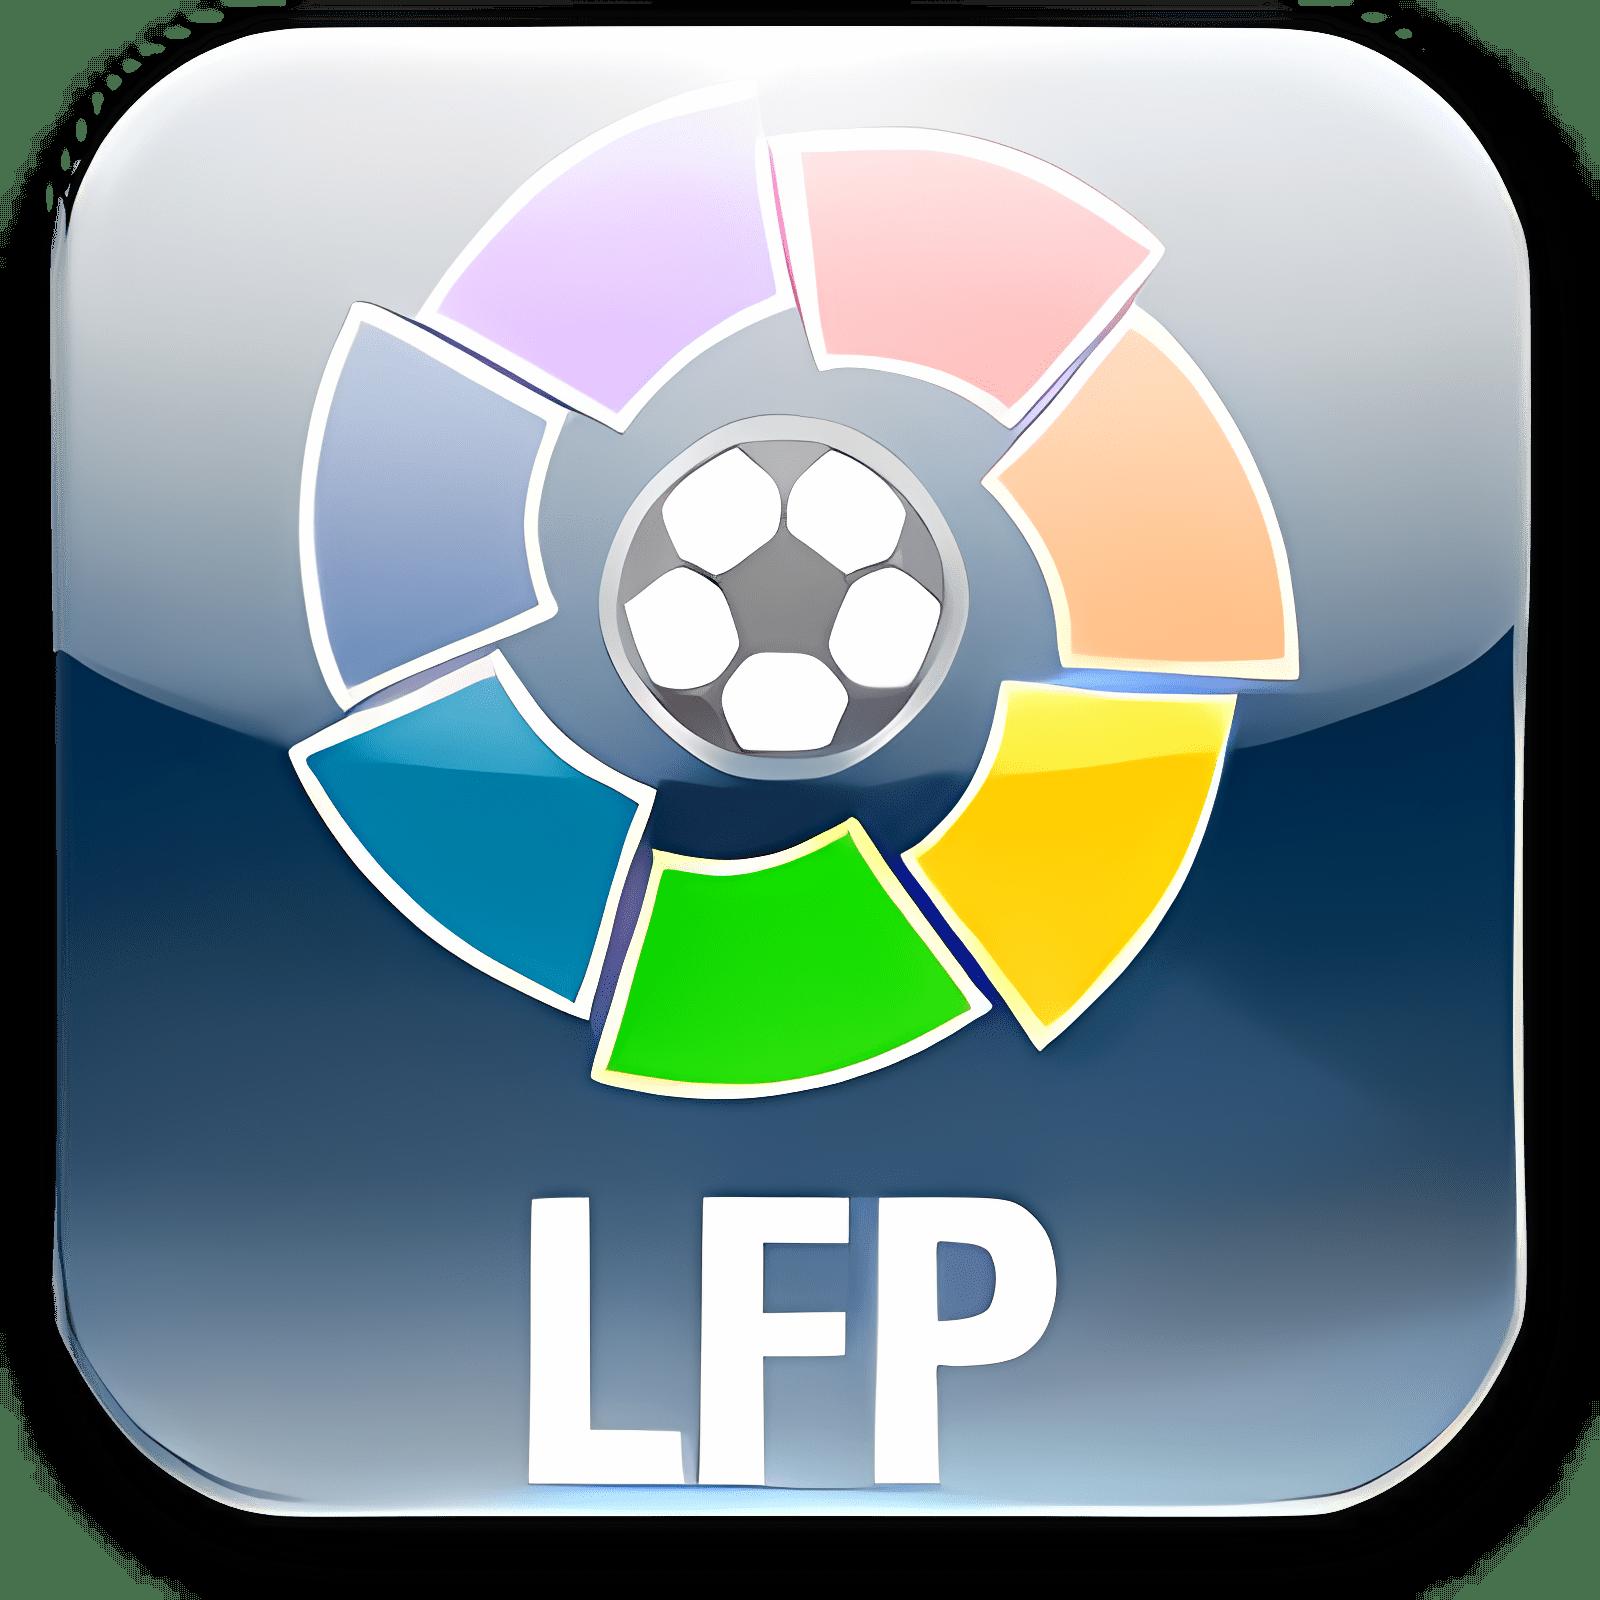 Liga de Fútbol Profesional: Aplicación Oficial